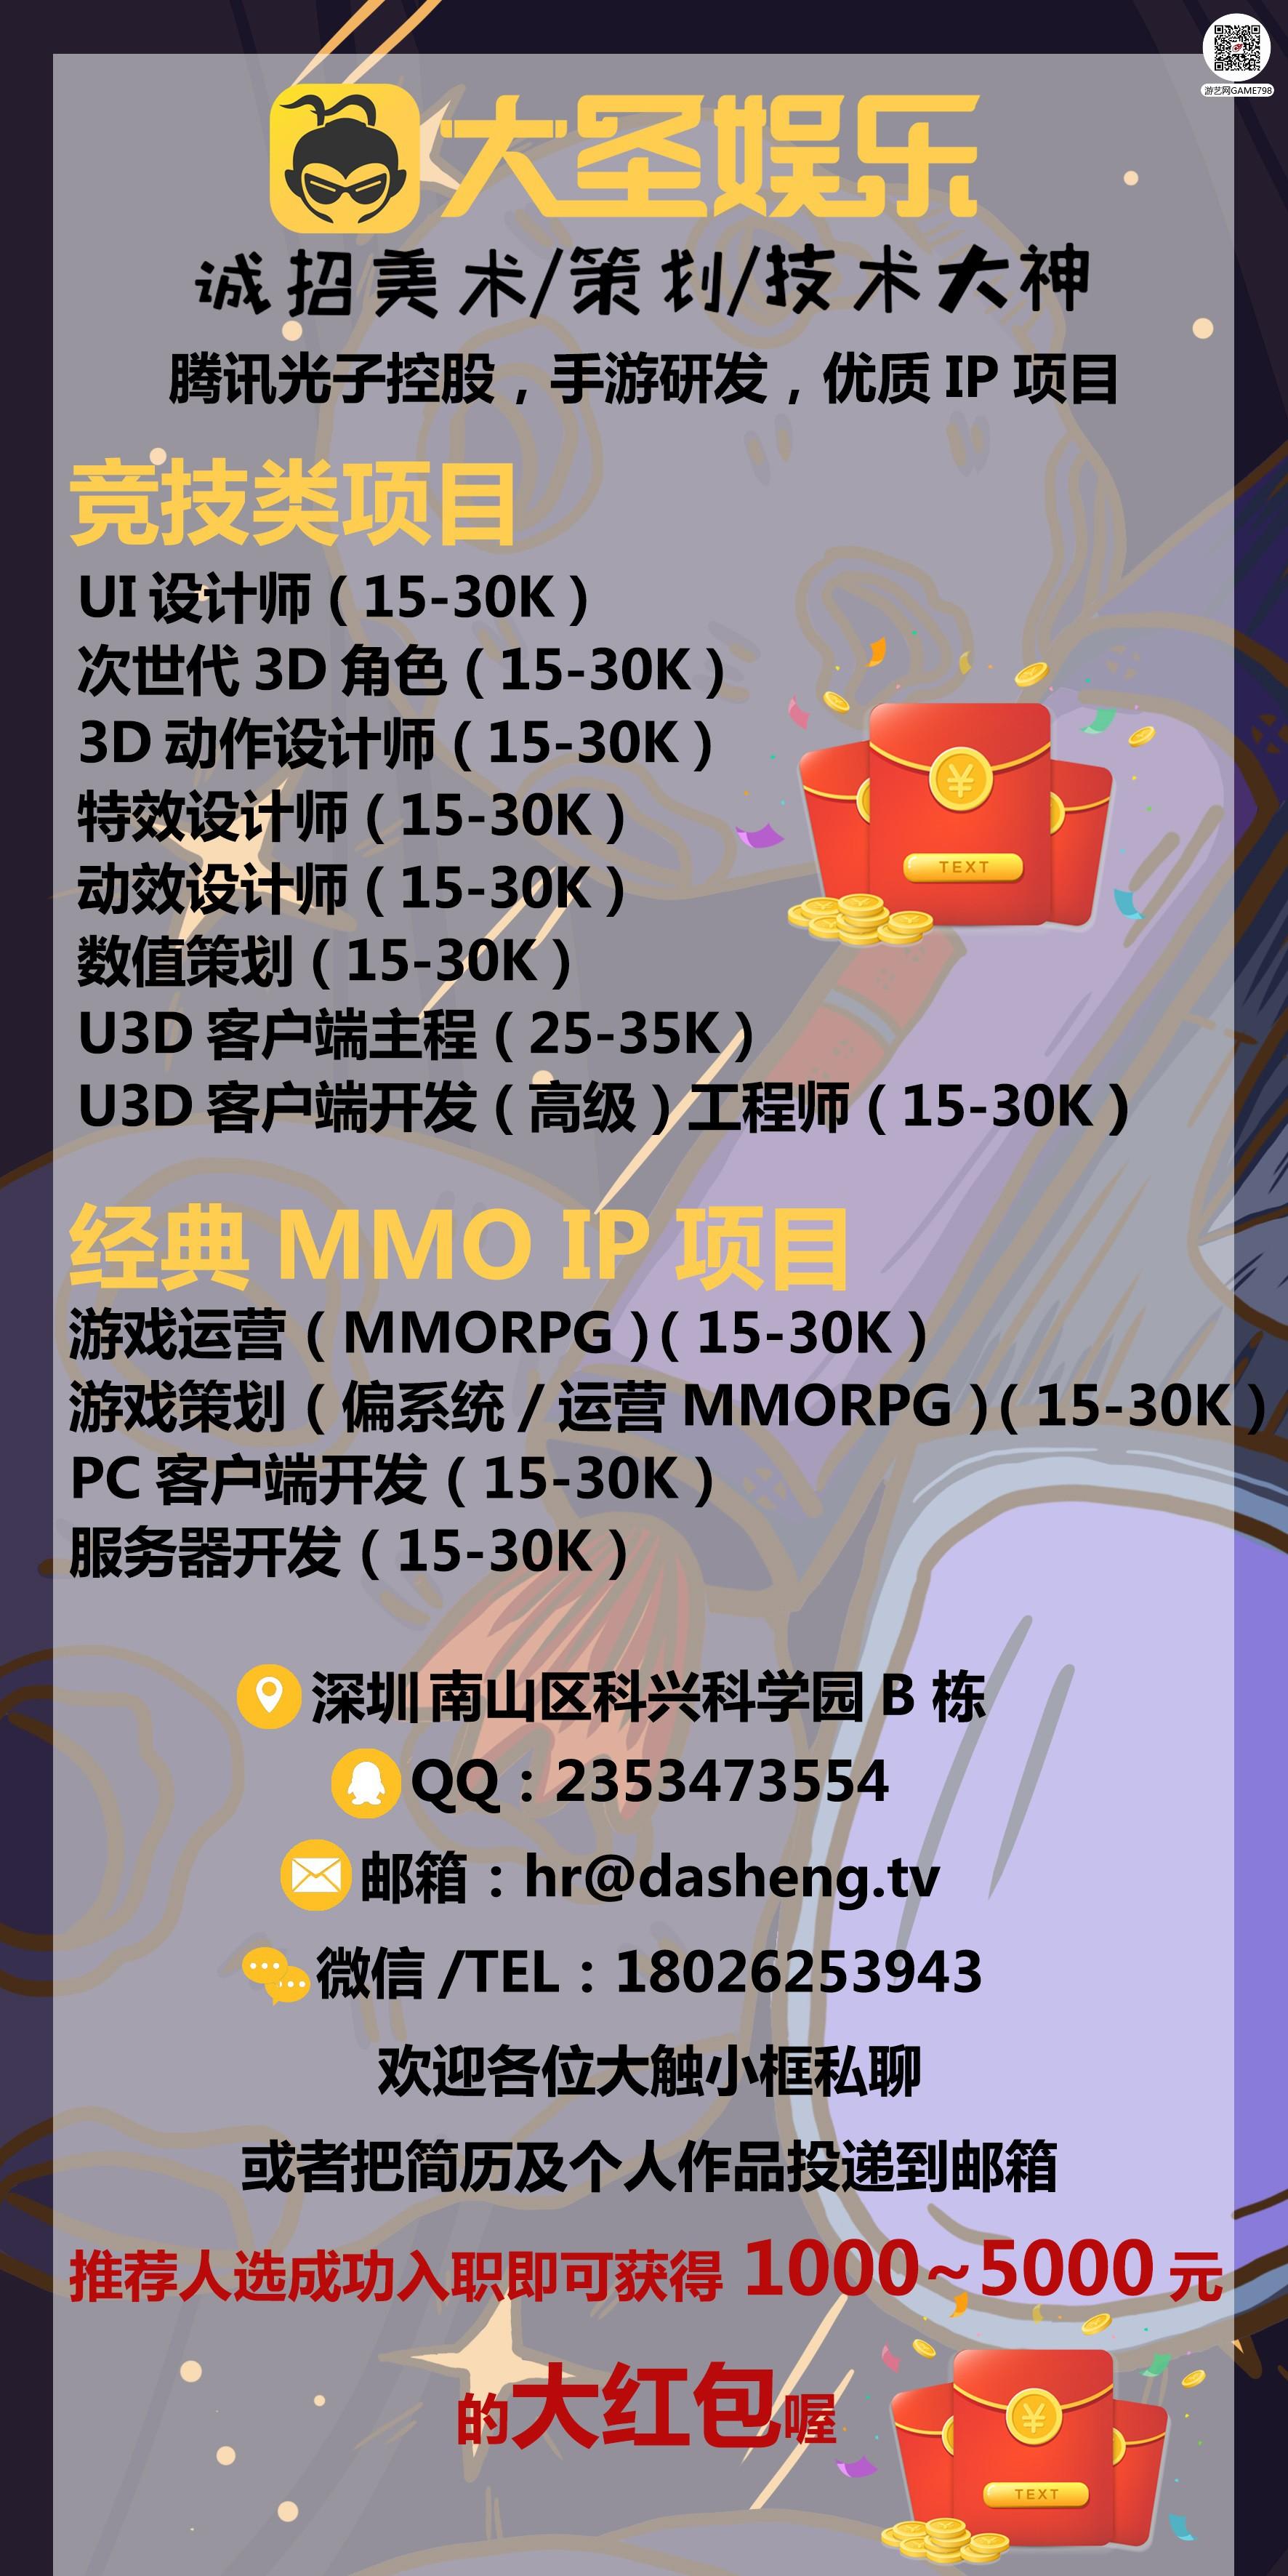 【大圣娱乐】诚招游戏策划-美术-程序:经典mmo及竞技类项目.jpg